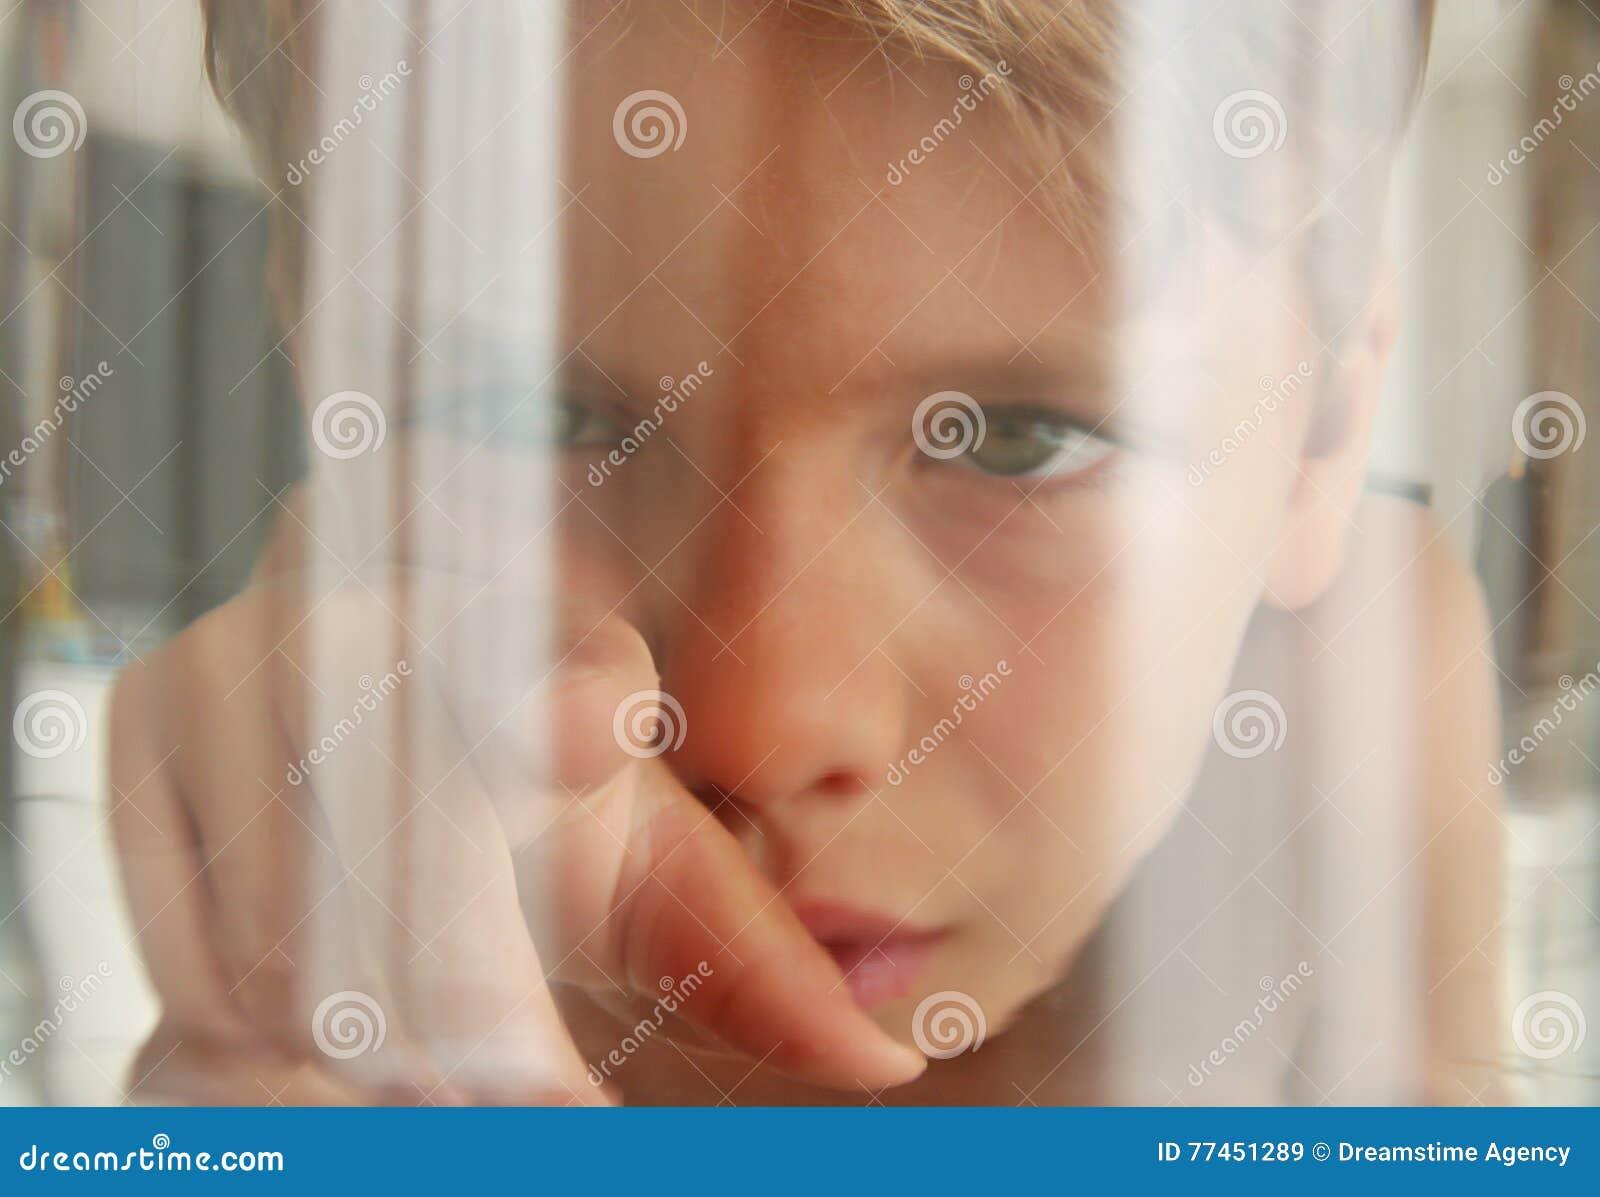 鱼透视:看接触水族馆玻璃的孩子